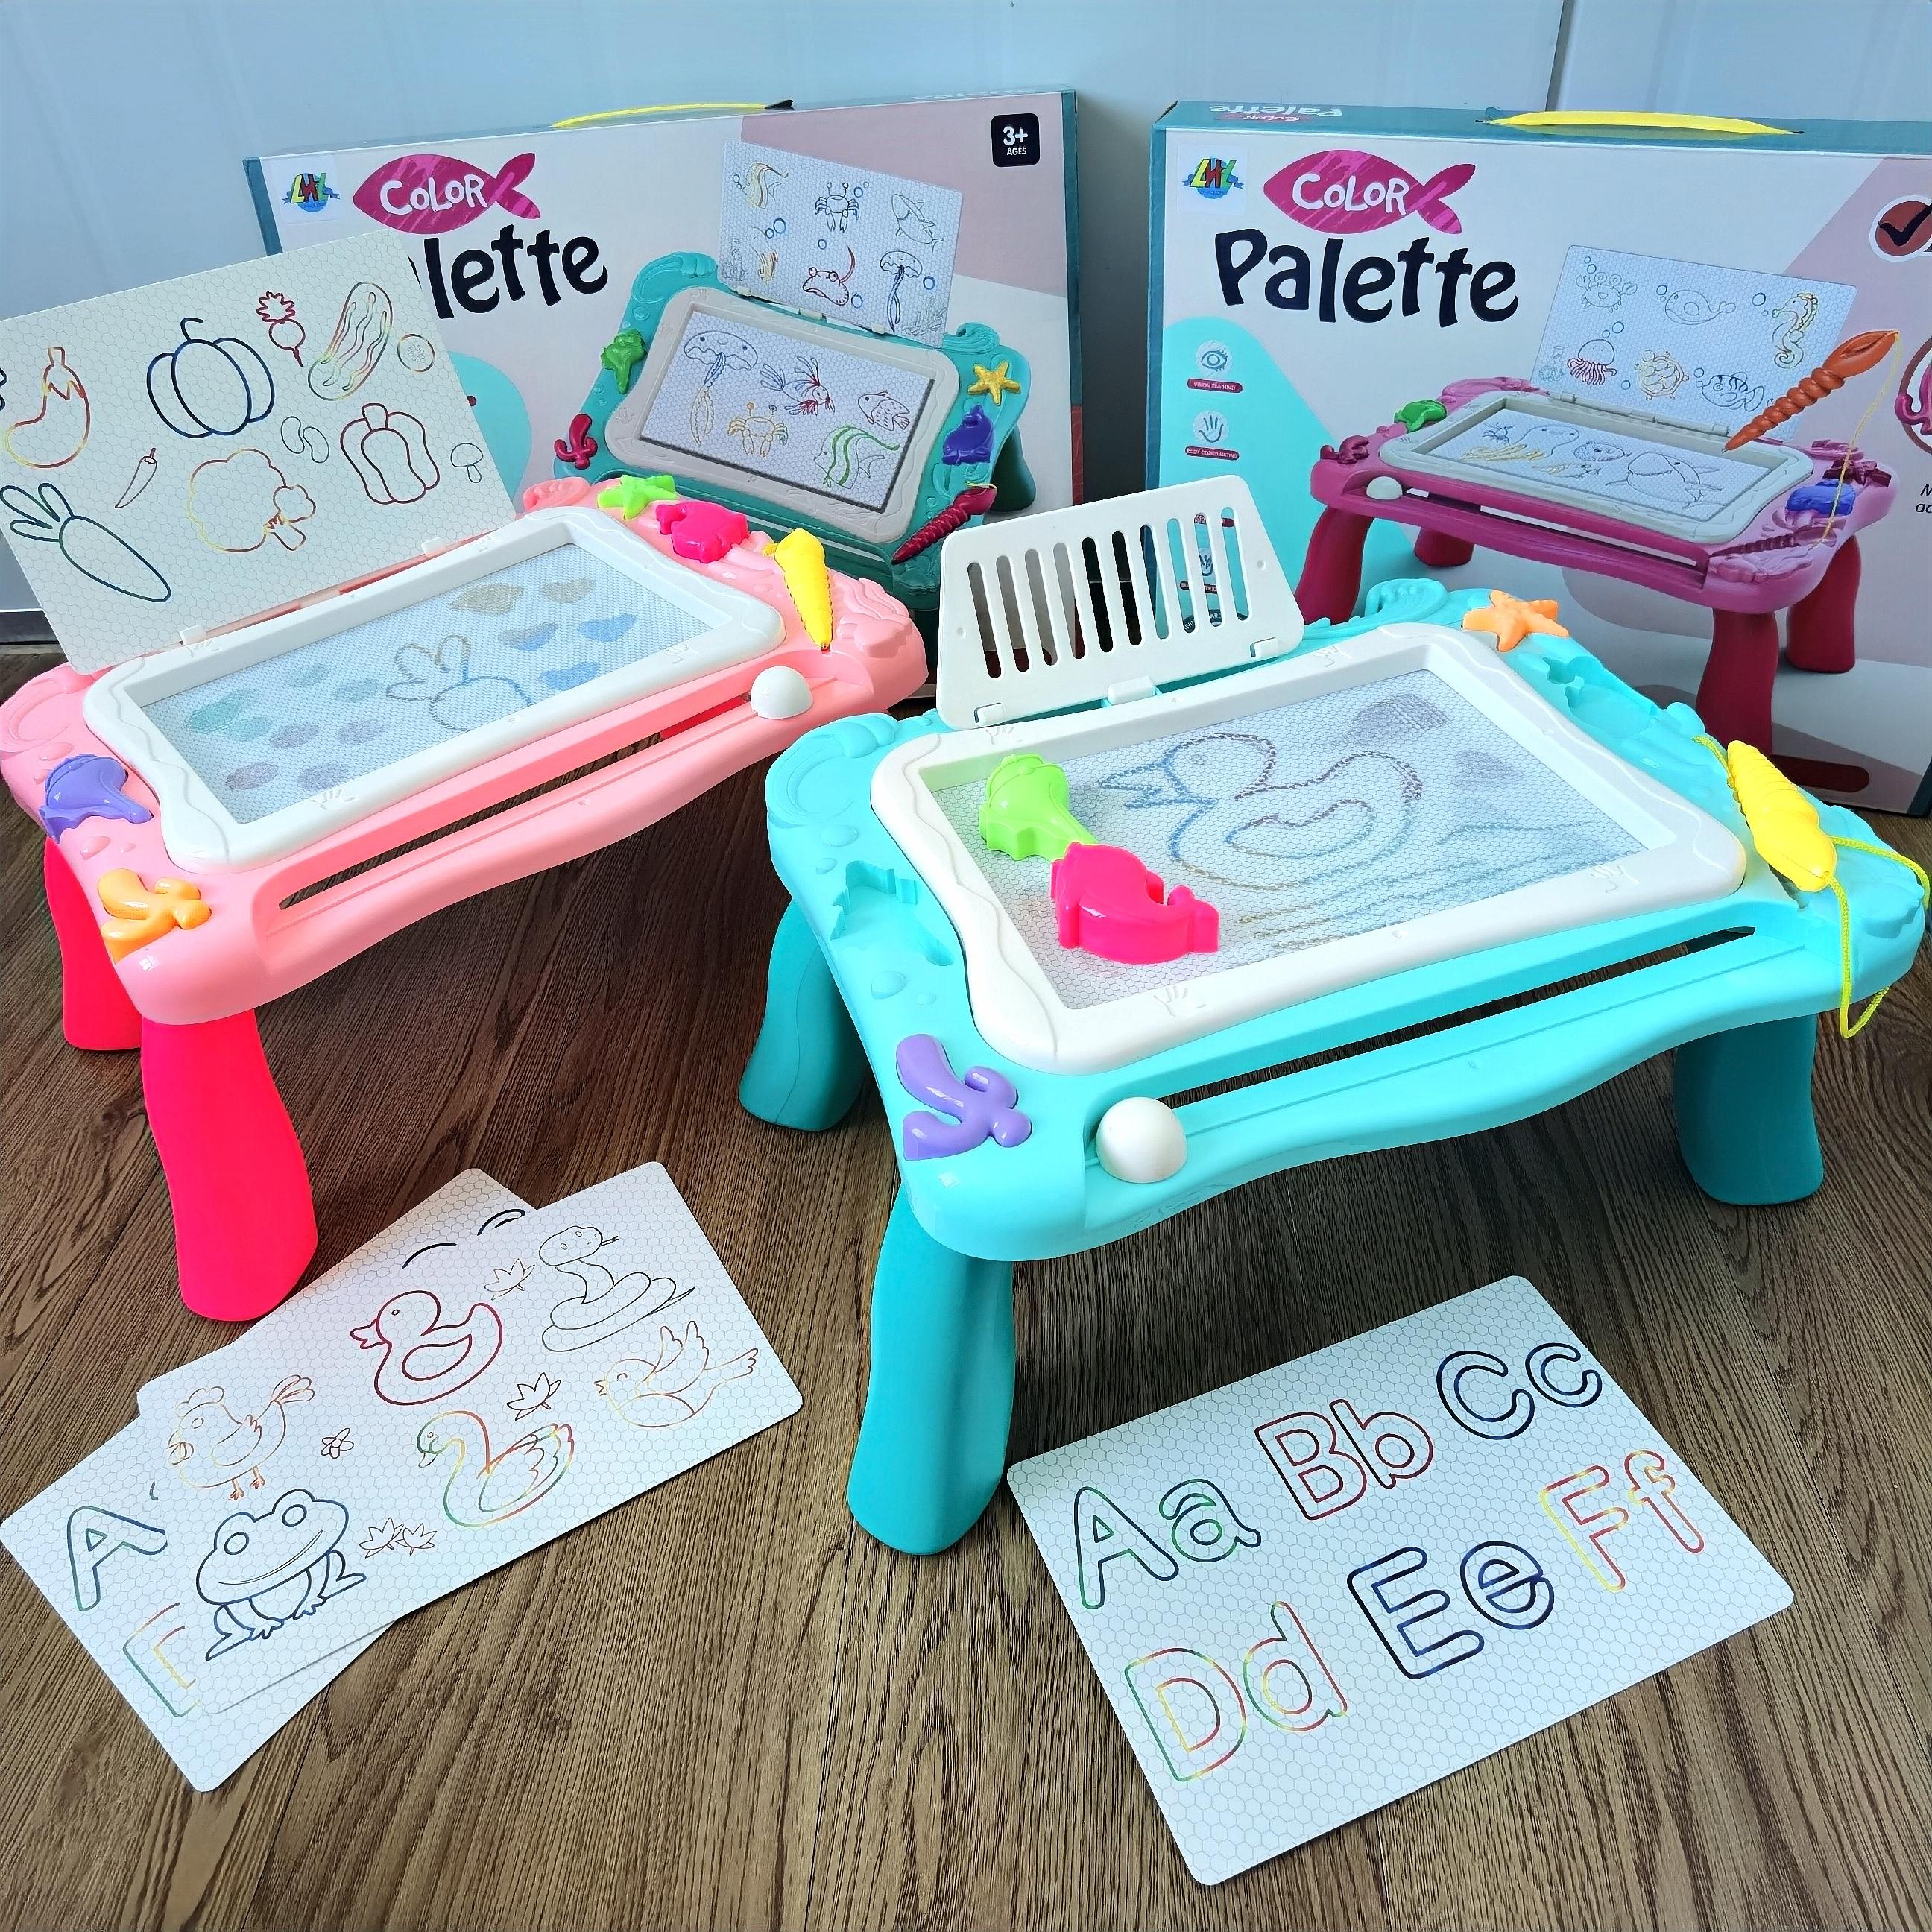 小孩儿童画画板可擦磁性写字板宝宝幼儿园家用彩色涂鸦板拼图玩具